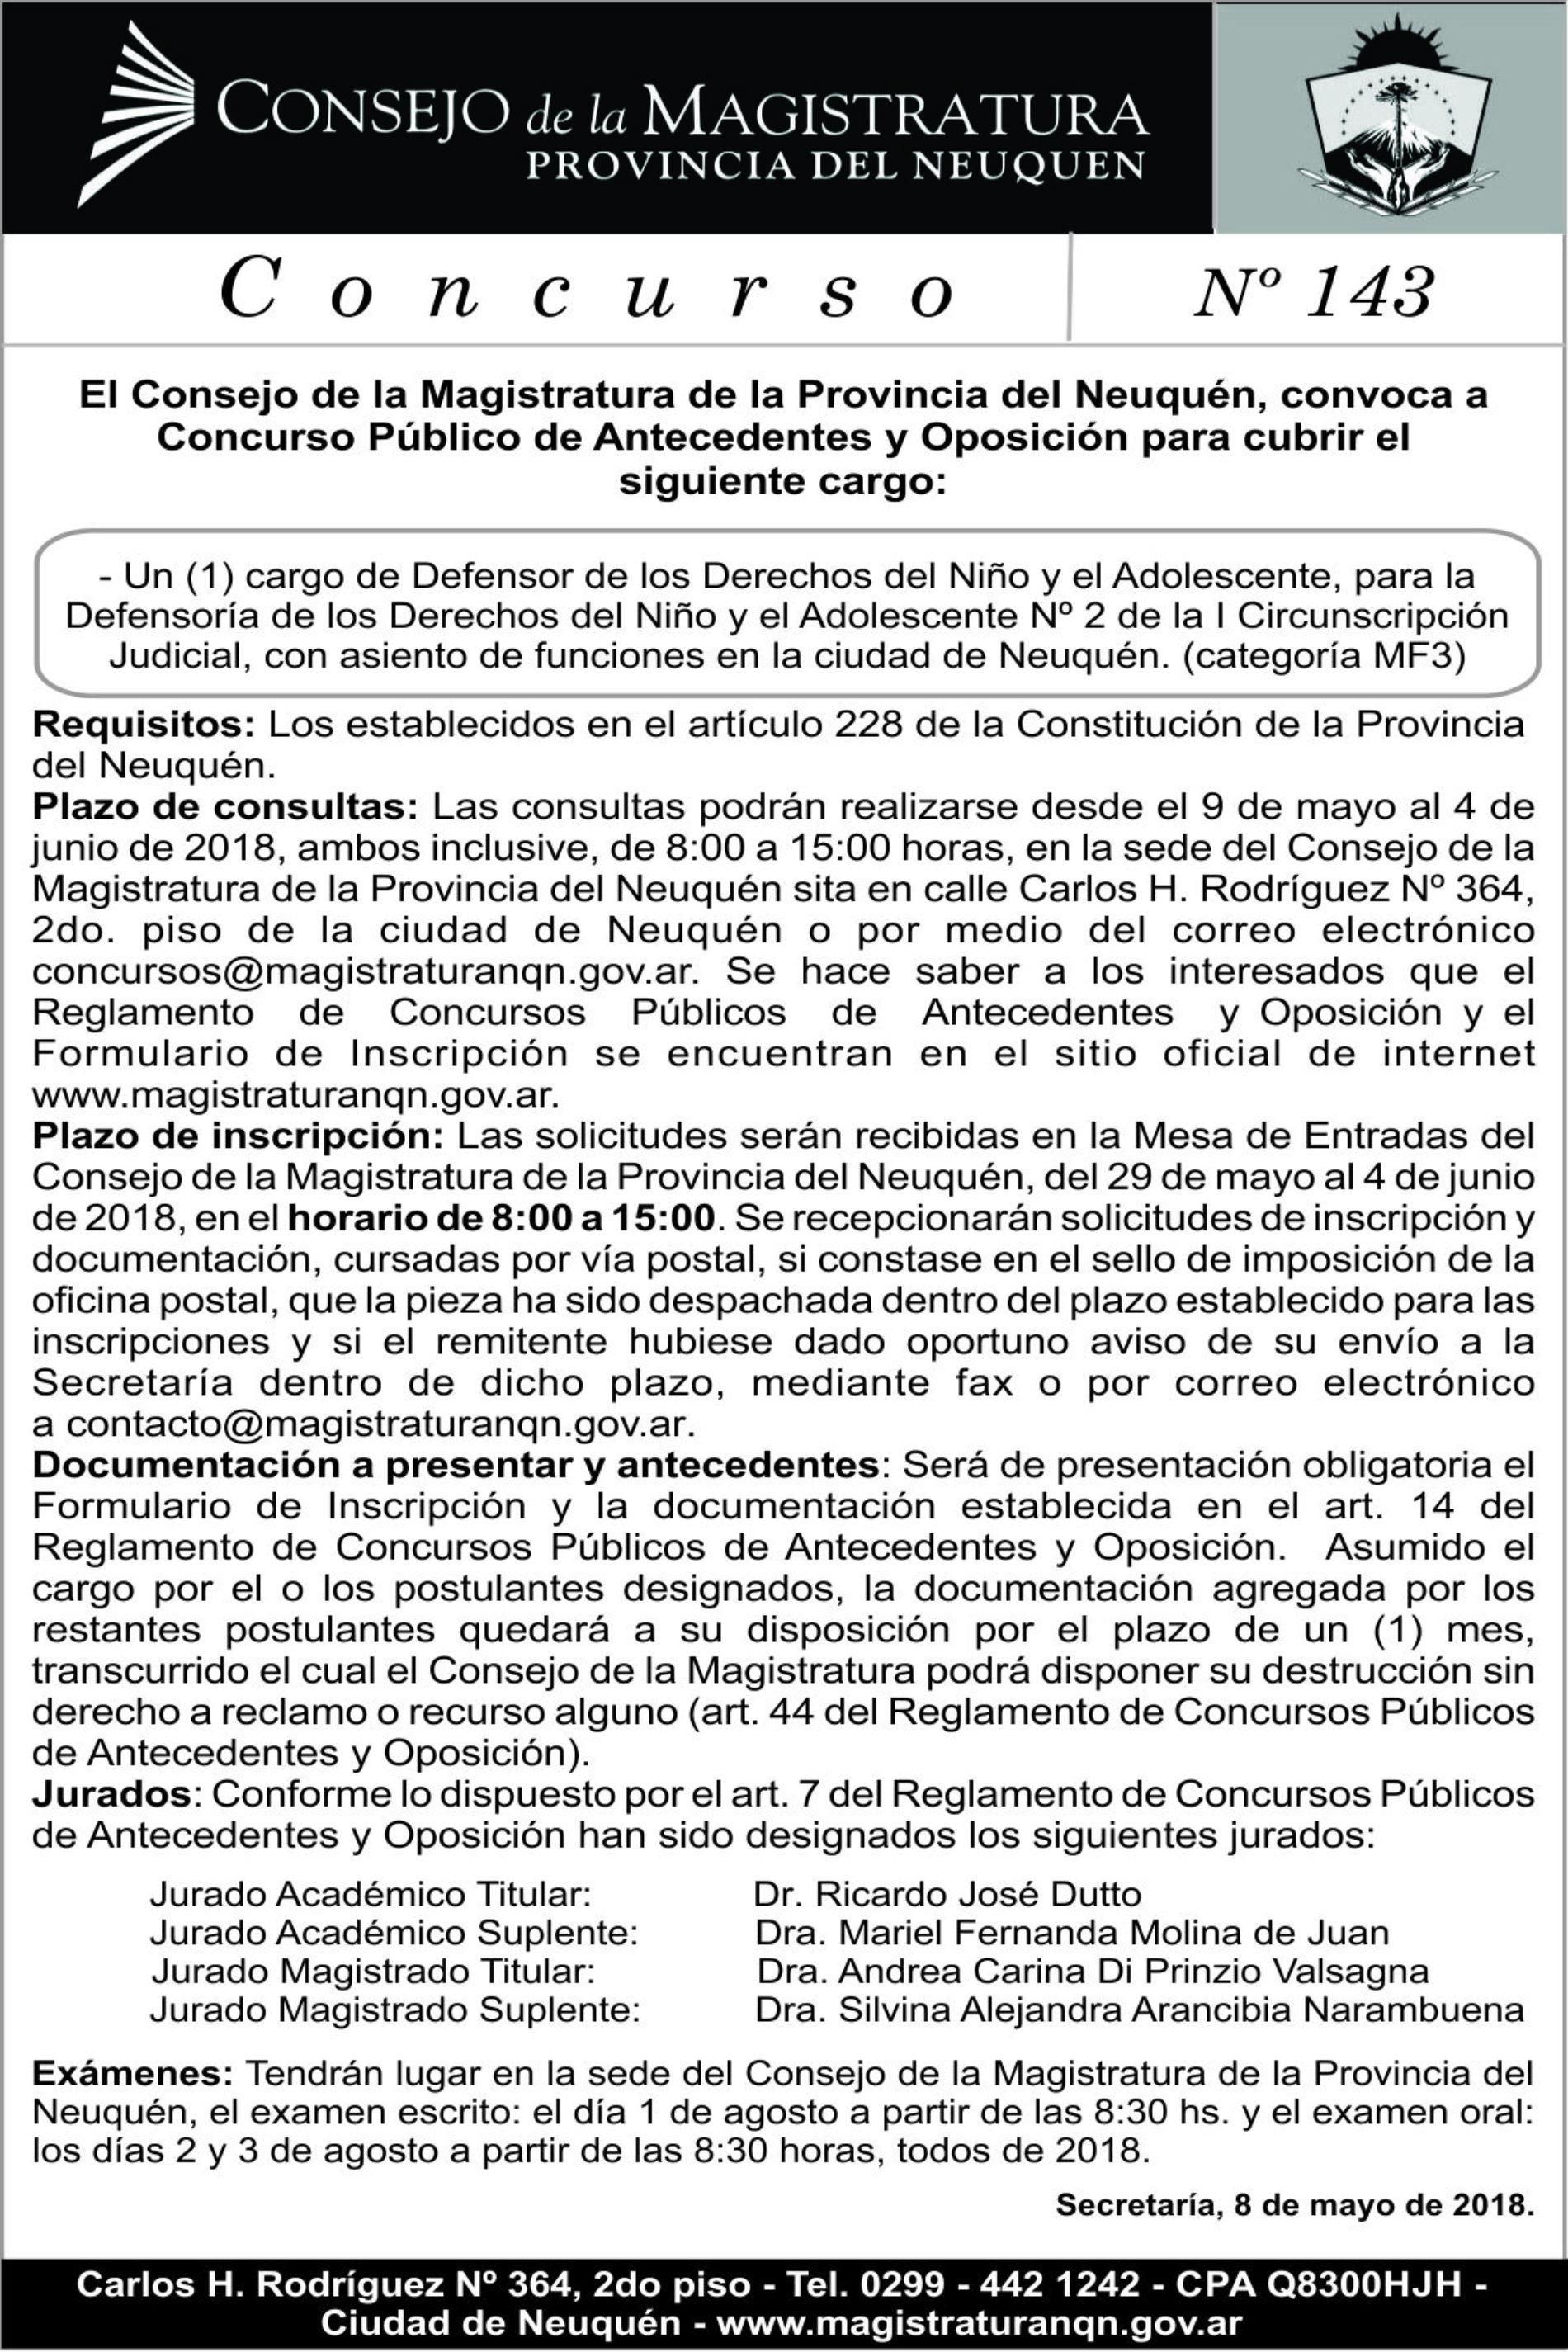 Convocatoria Concurso Público de Antecedente y Oposición: «Concurso Nº 143»